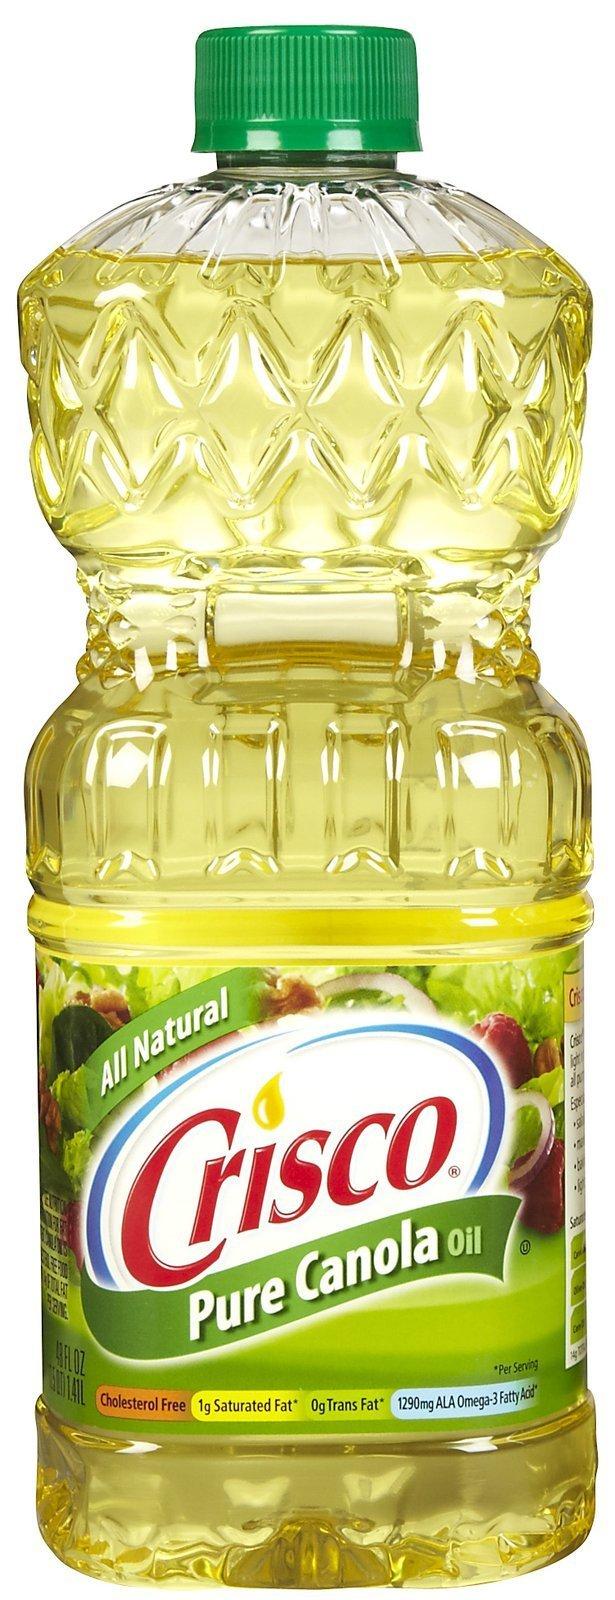 Crisco Pure Canola Oil - 48 oz